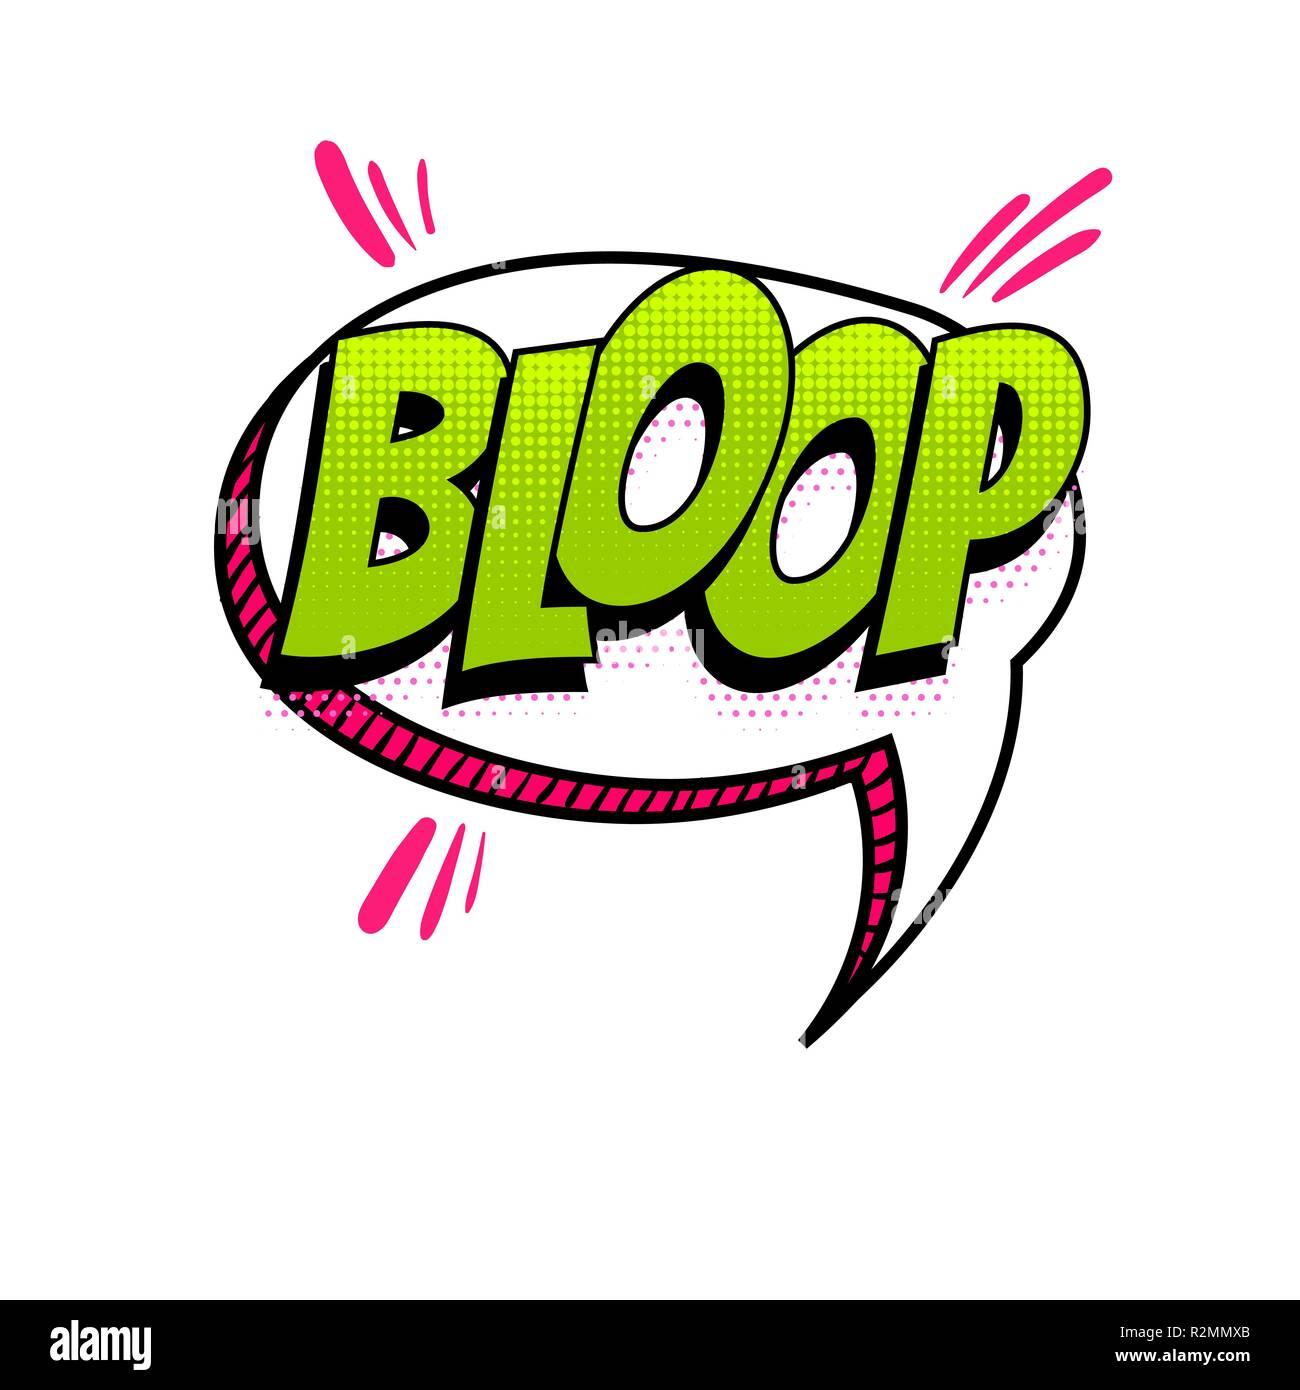 BLOOP - splash, slap spanish language comic text sound